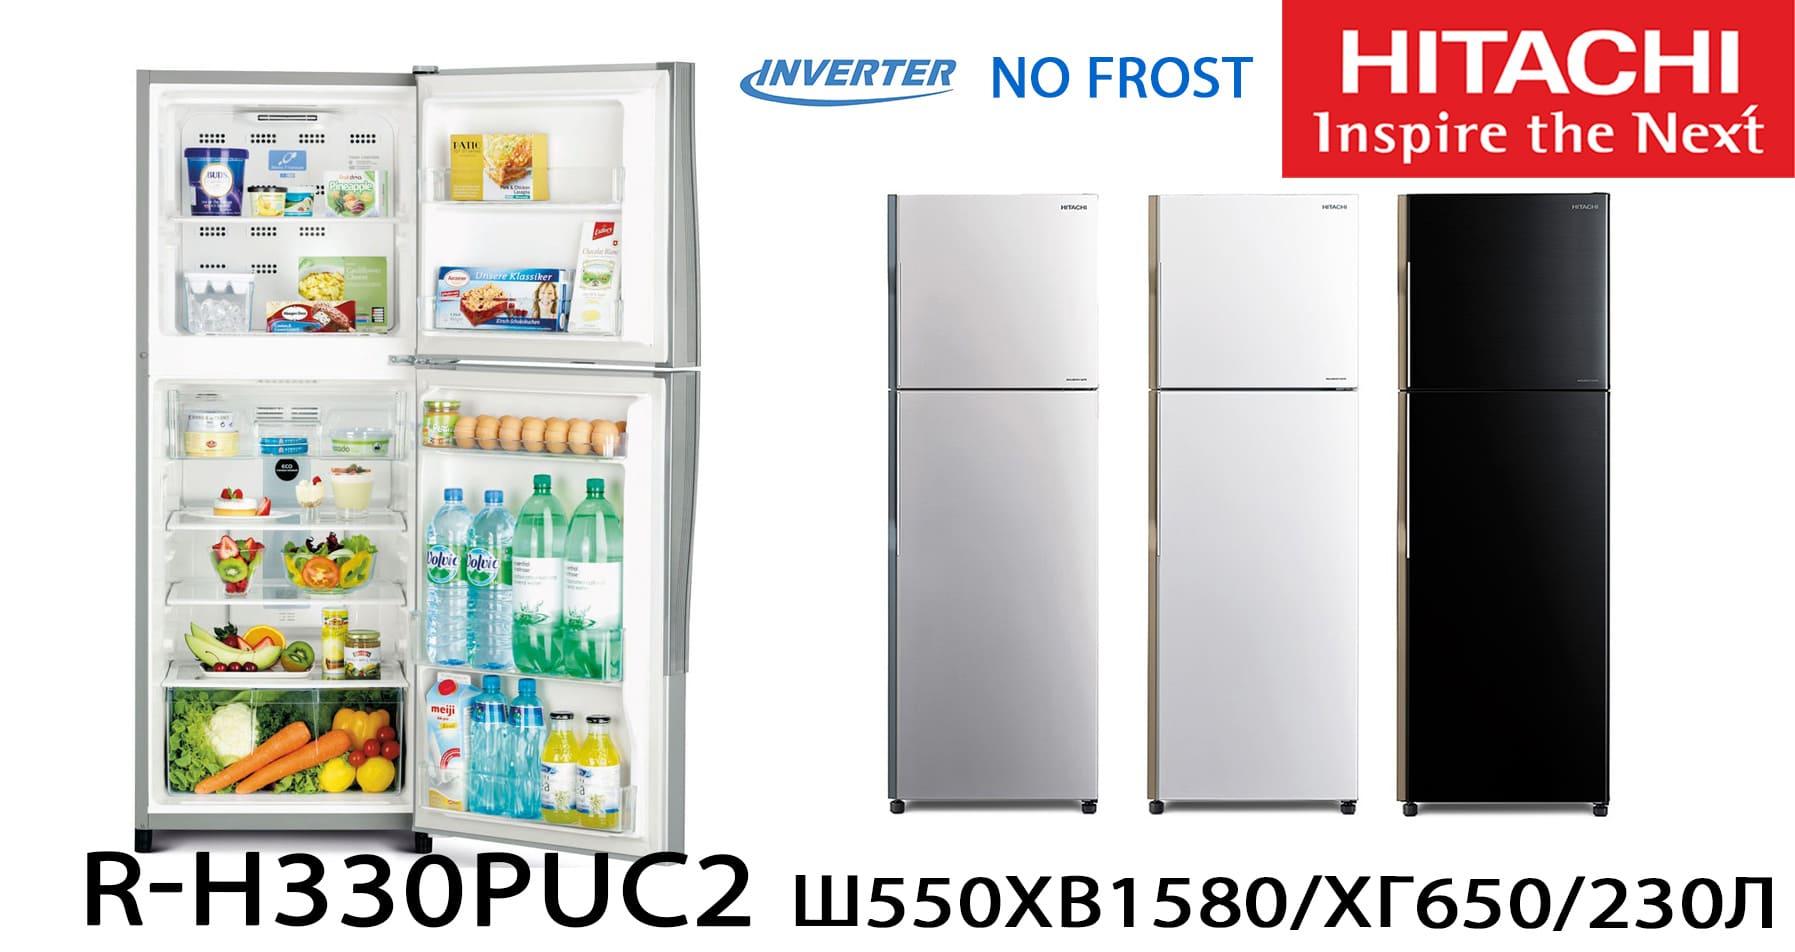 Hitachi_r-H330_vse_cveta Холодильник Hitachi R-H330PUC7BSL